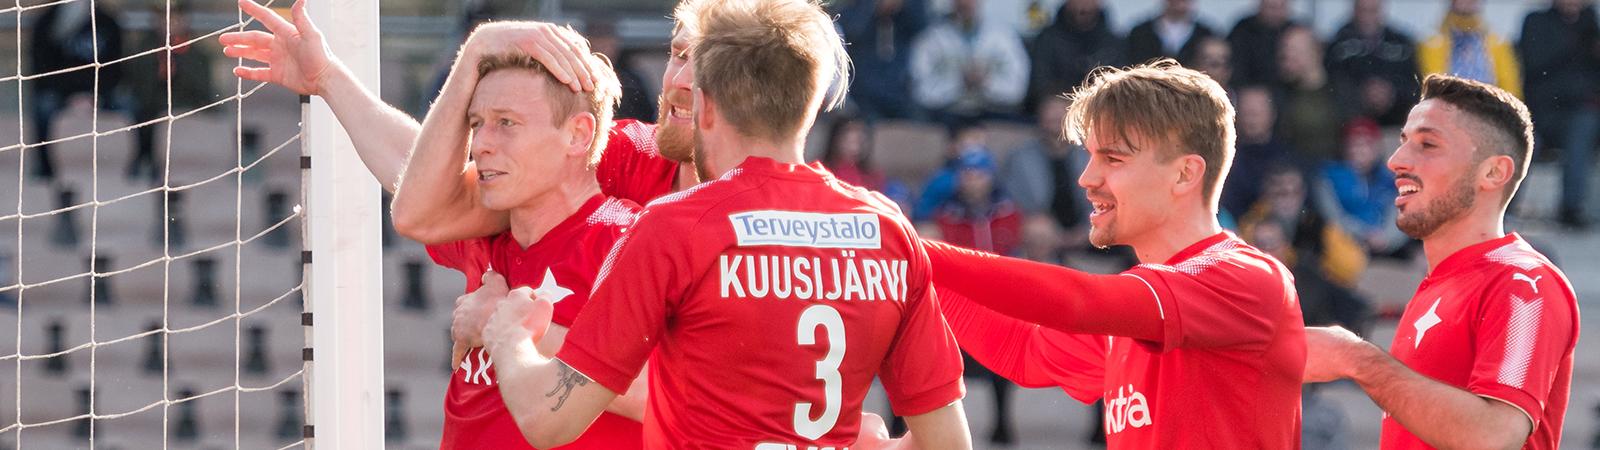 HIFK:lle katkera tasapeli Rovaniemellä <br> &#8211; johtoasema suli jälleen lopussa